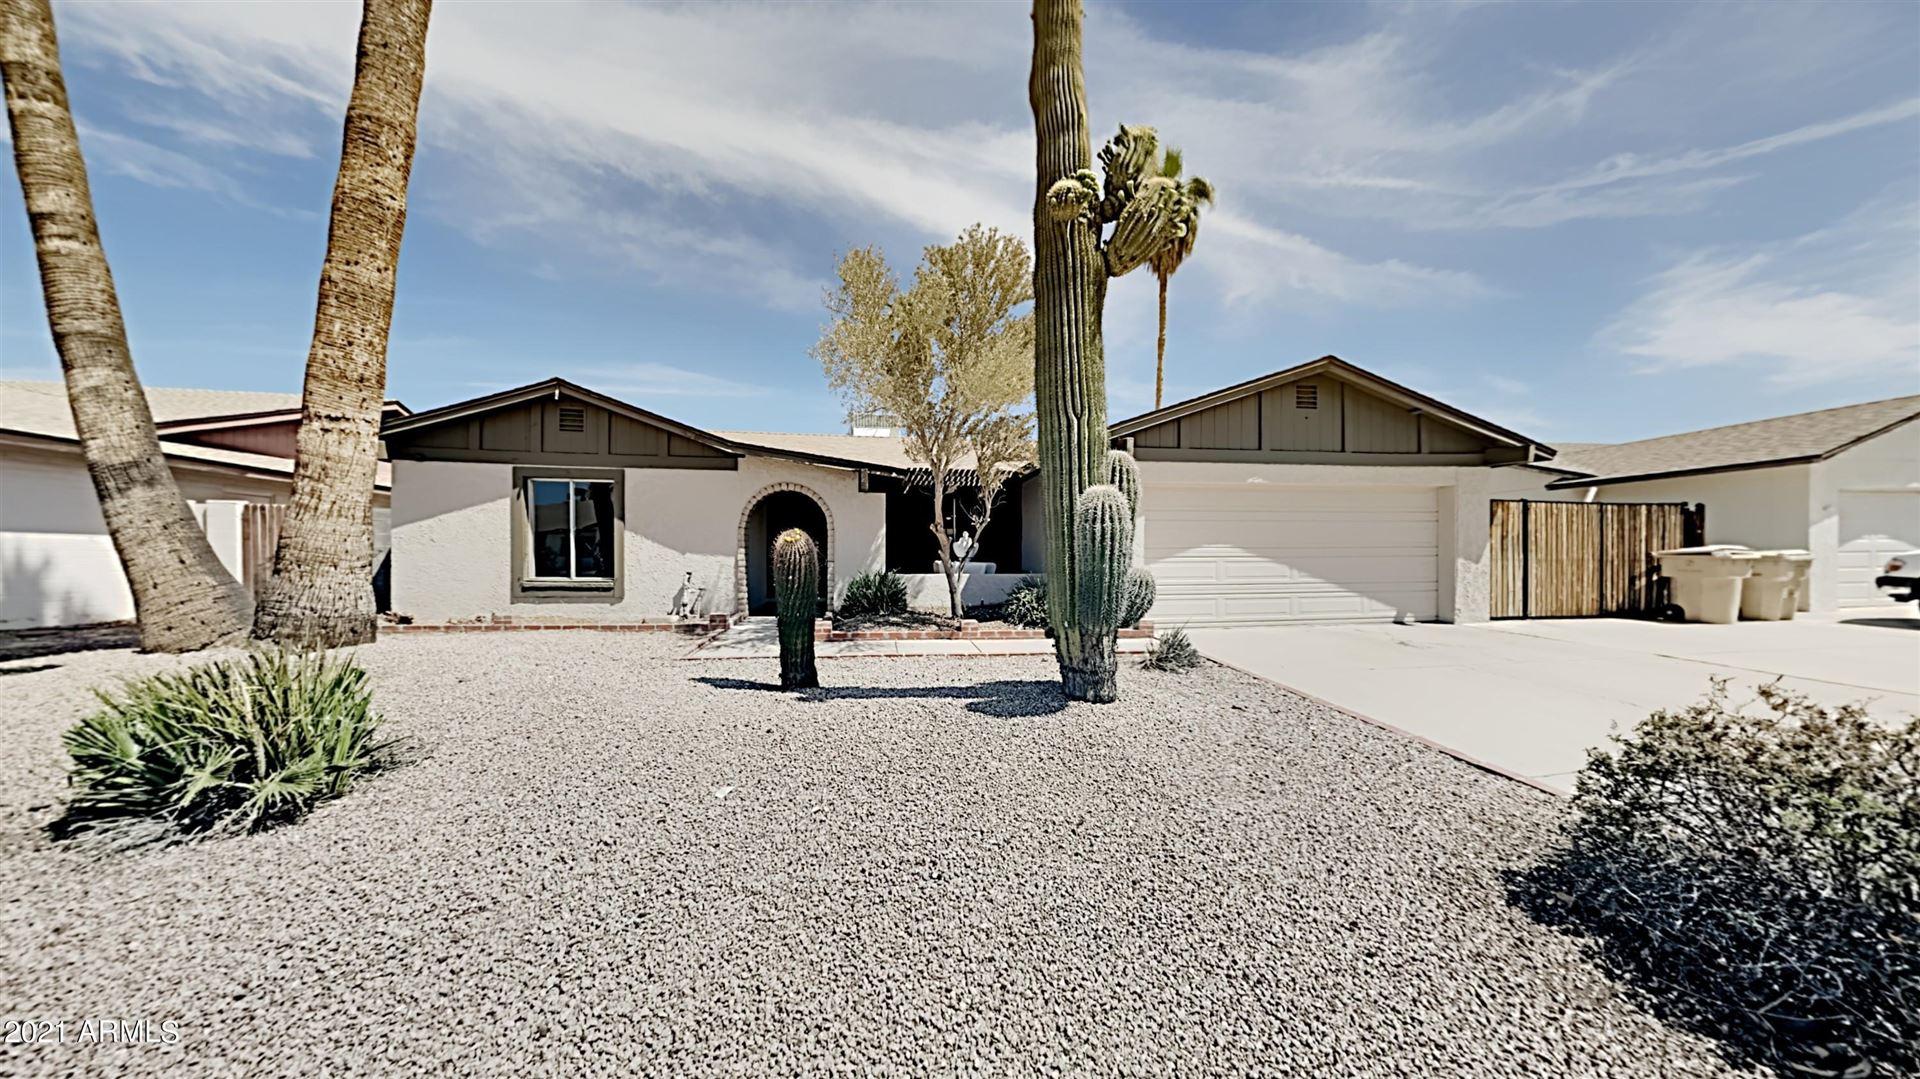 4846 W COCHISE Drive, Glendale, AZ 85302 - MLS#: 6232271